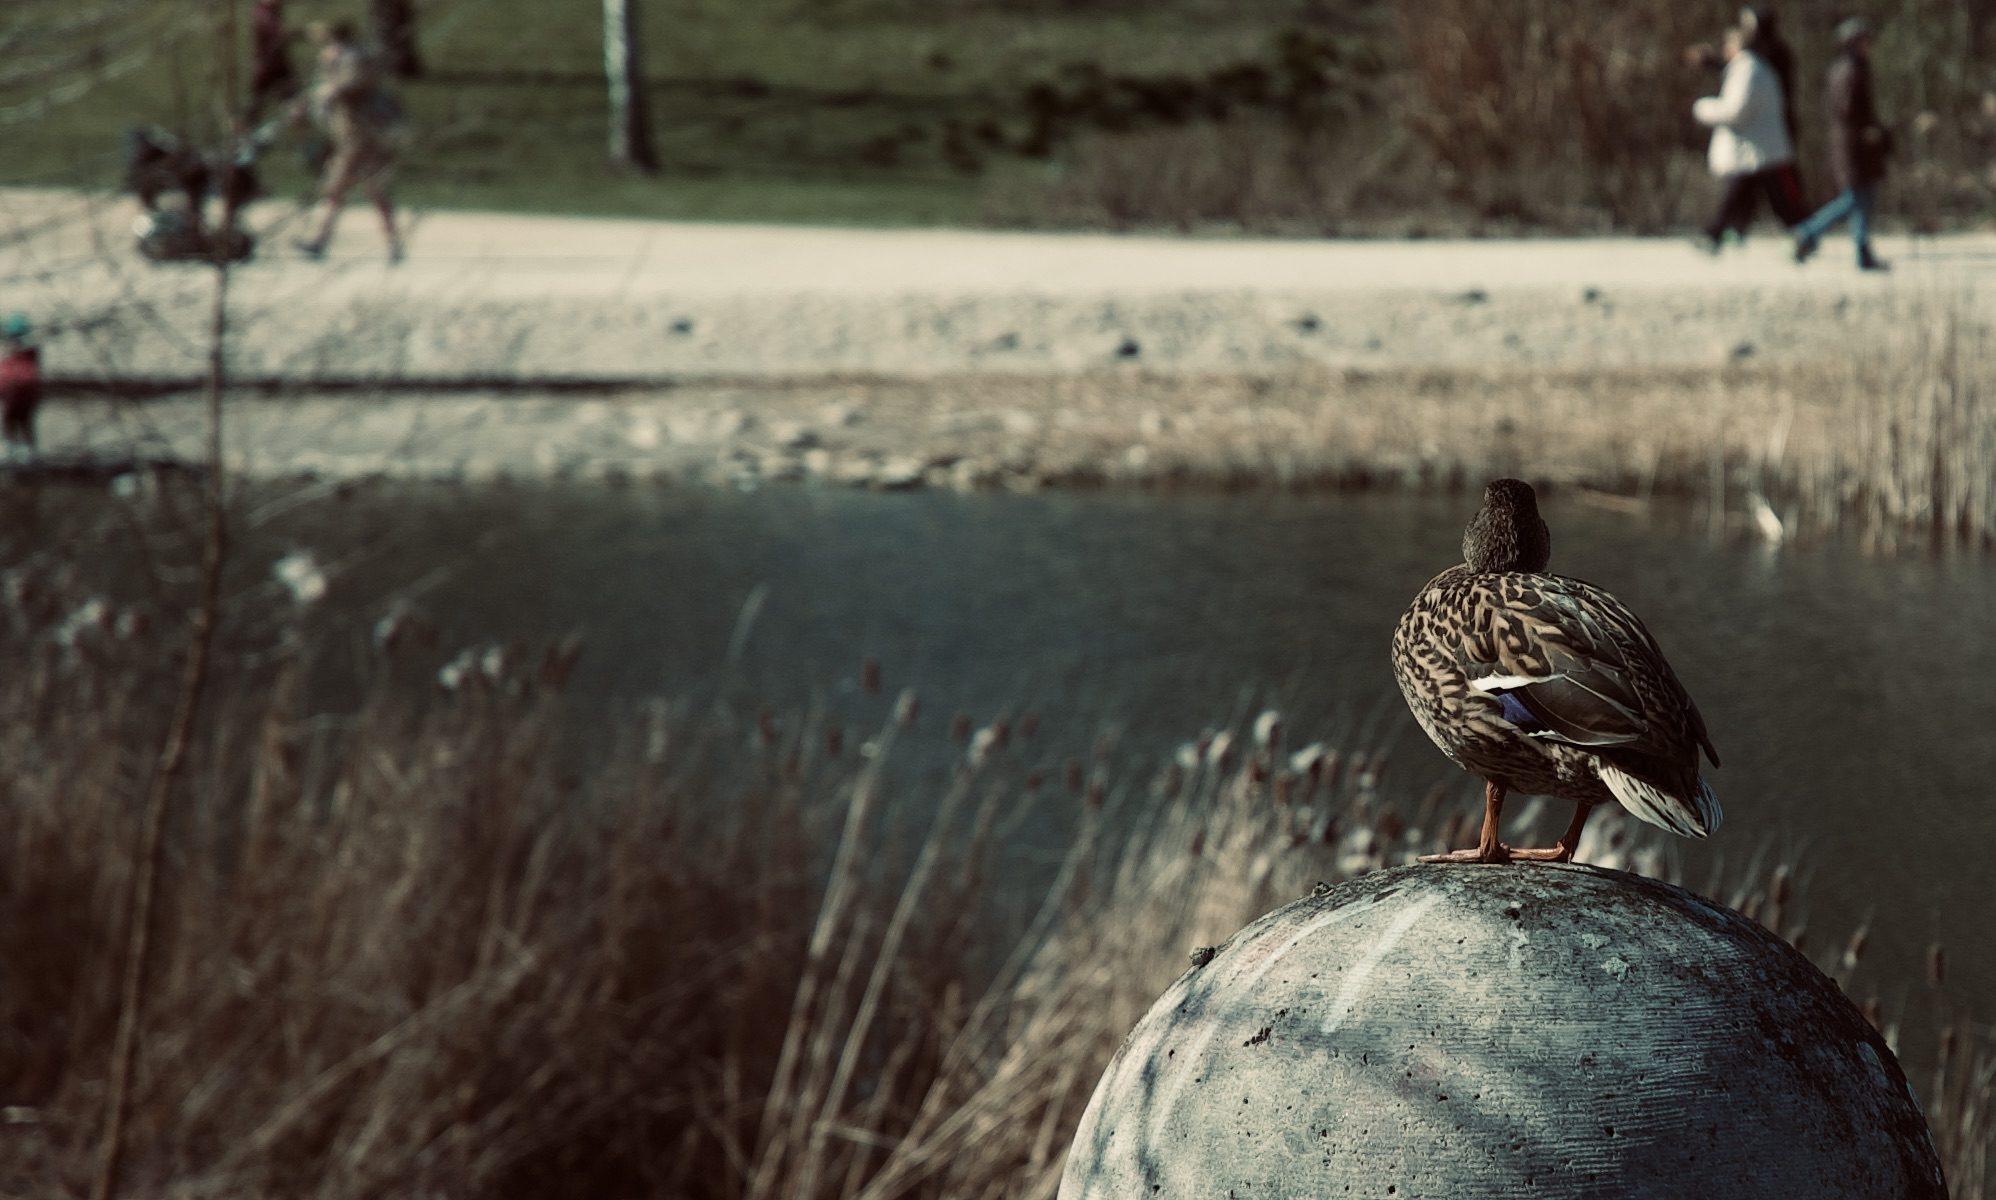 Die Ente staunt und wundert sich.